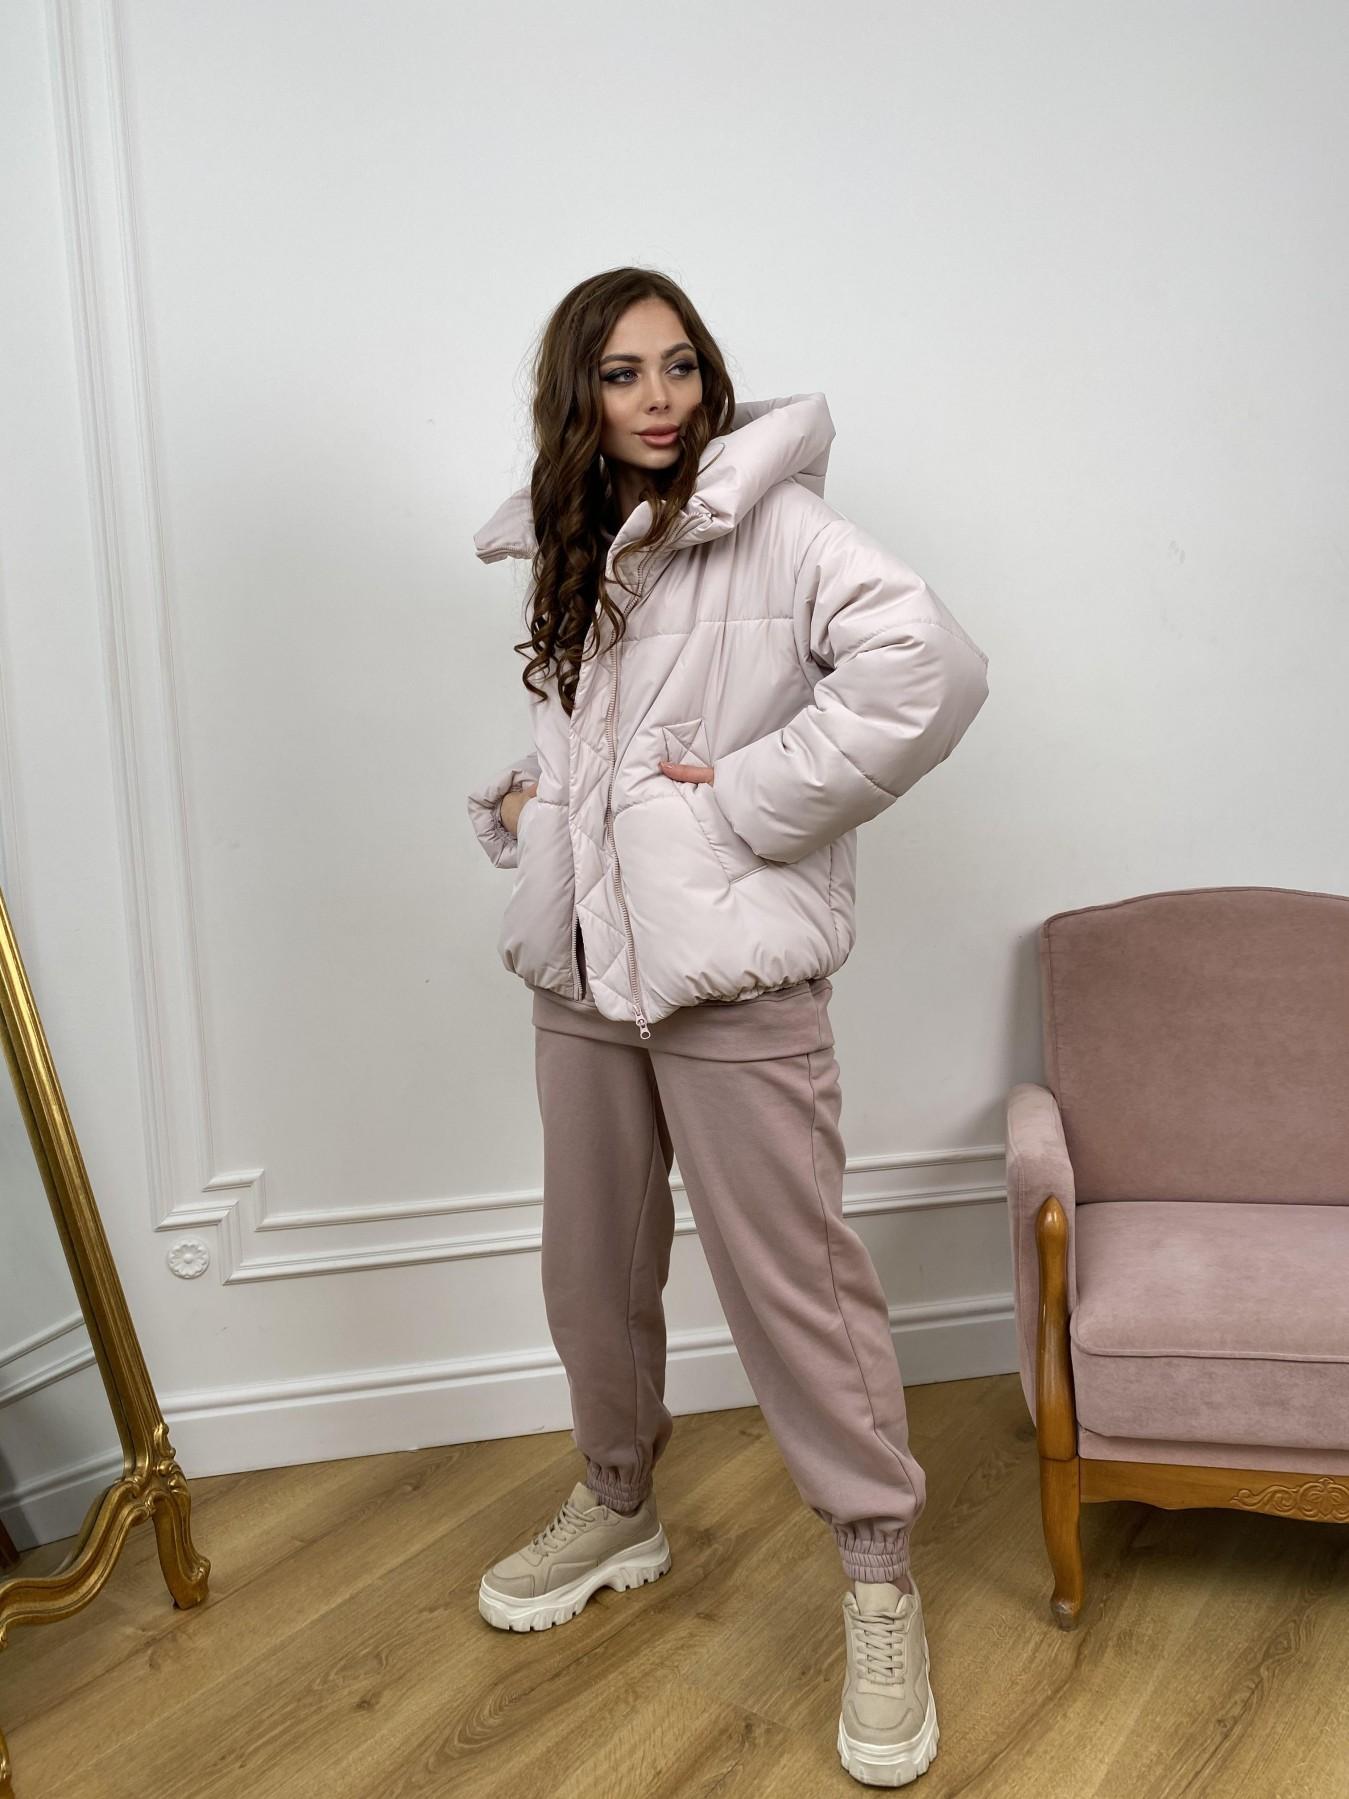 Нокс куртка из плащевой ткани 10535 АРТ. 46973 Цвет: Молоко 970 - фото 5, интернет магазин tm-modus.ru